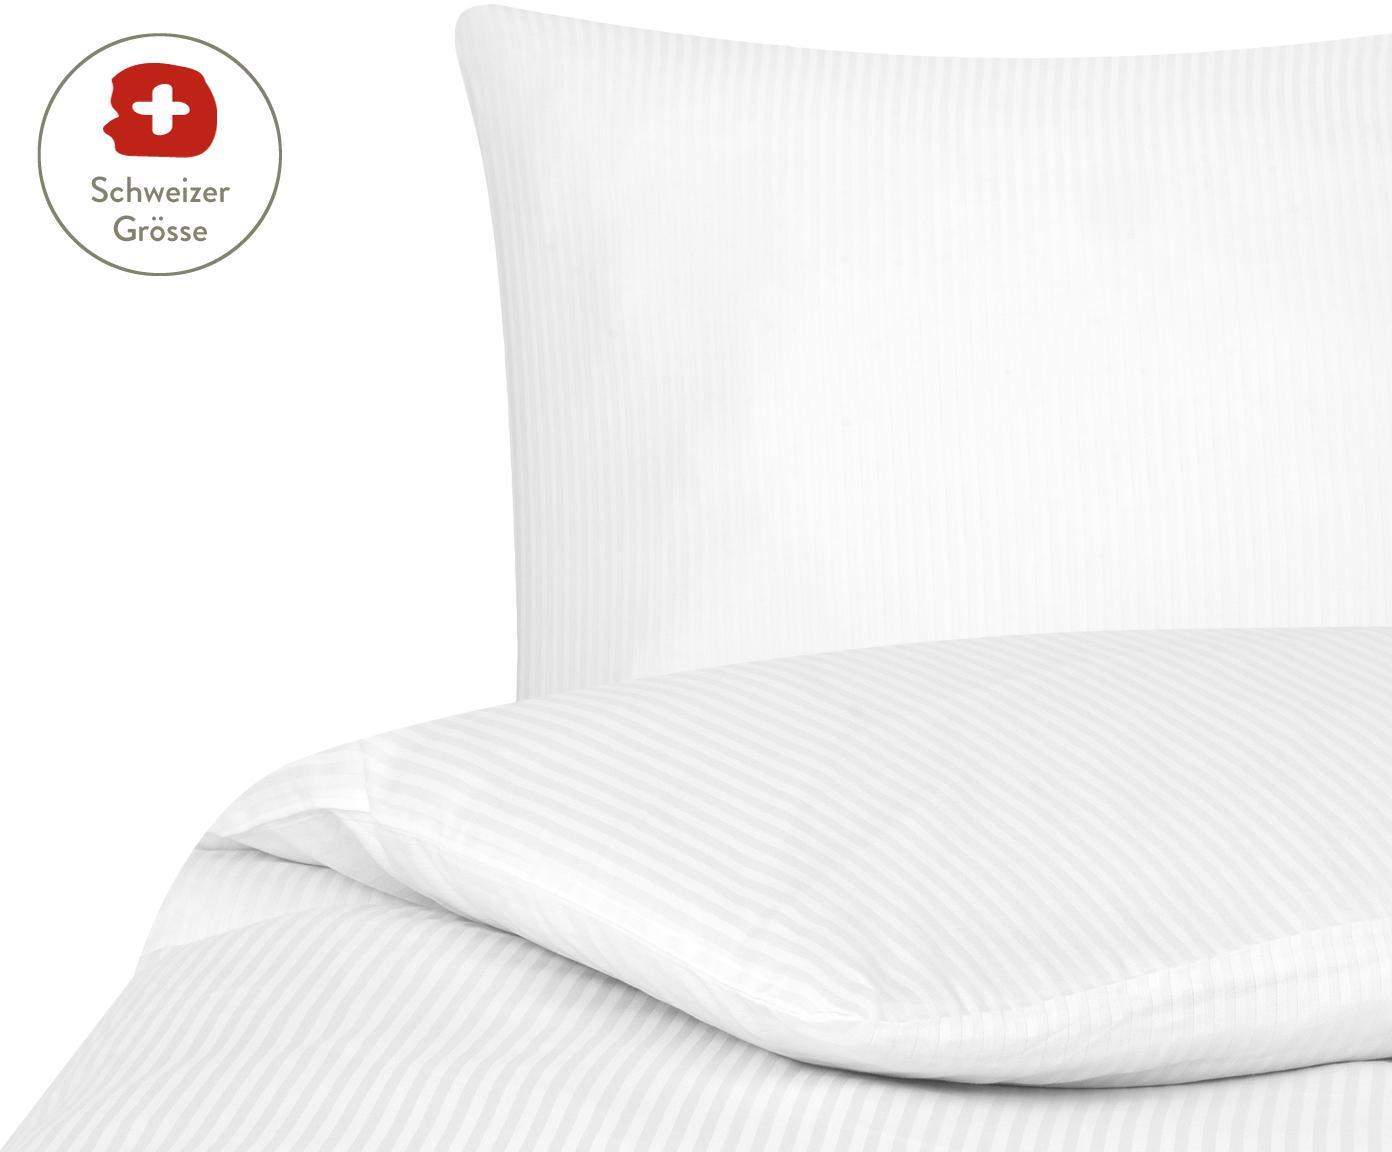 Satinstreifen-Bettdeckenbezug Stella in Weiss, Webart: Satin Fadendichte 250 TC, Weiss, 160 x 210 cm